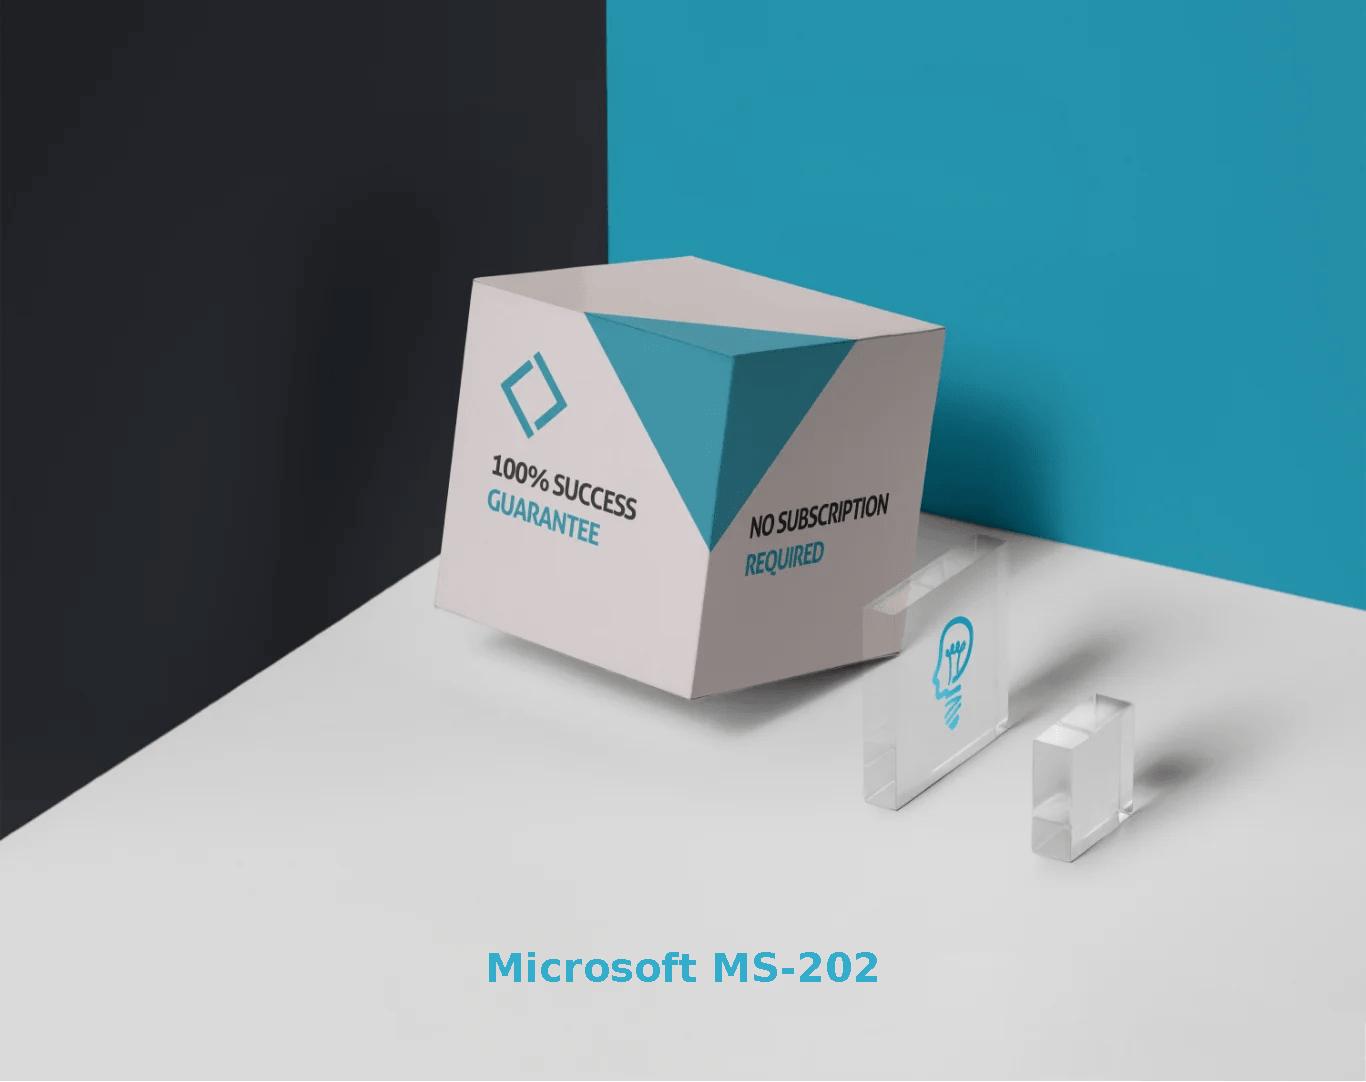 MS-202 Dumps